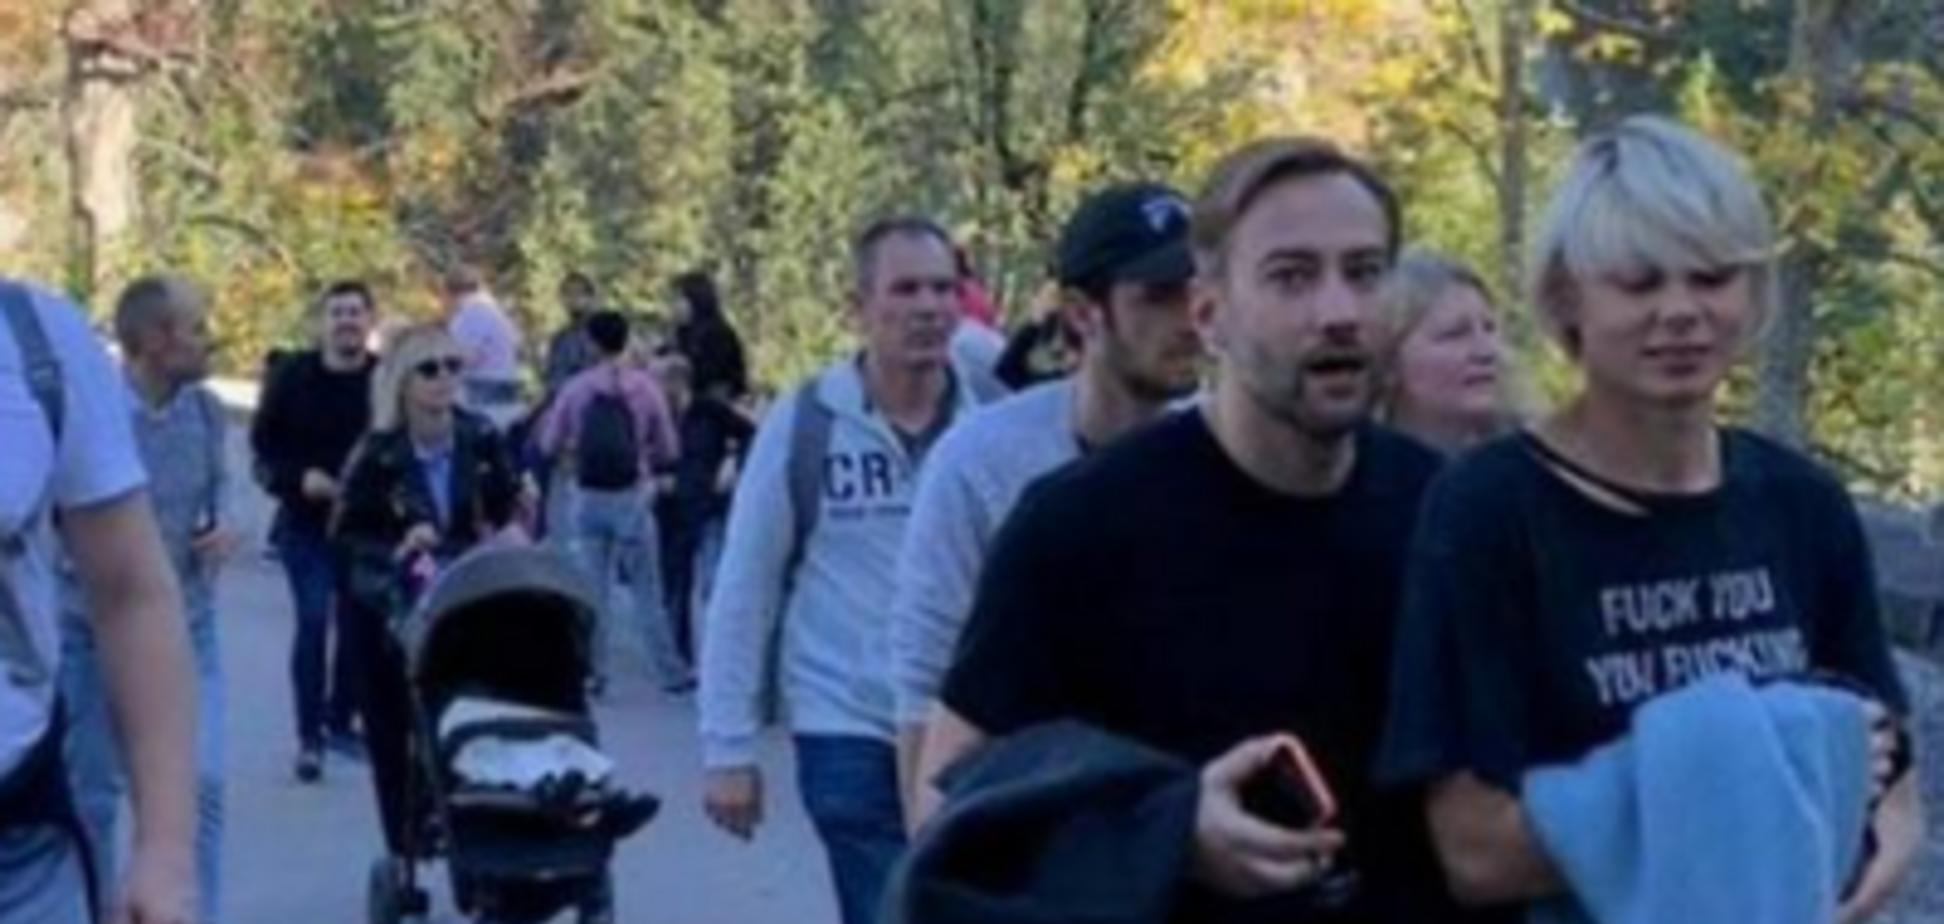 Шепелев после слухов о свадьбе впервые официально показал свою пассию